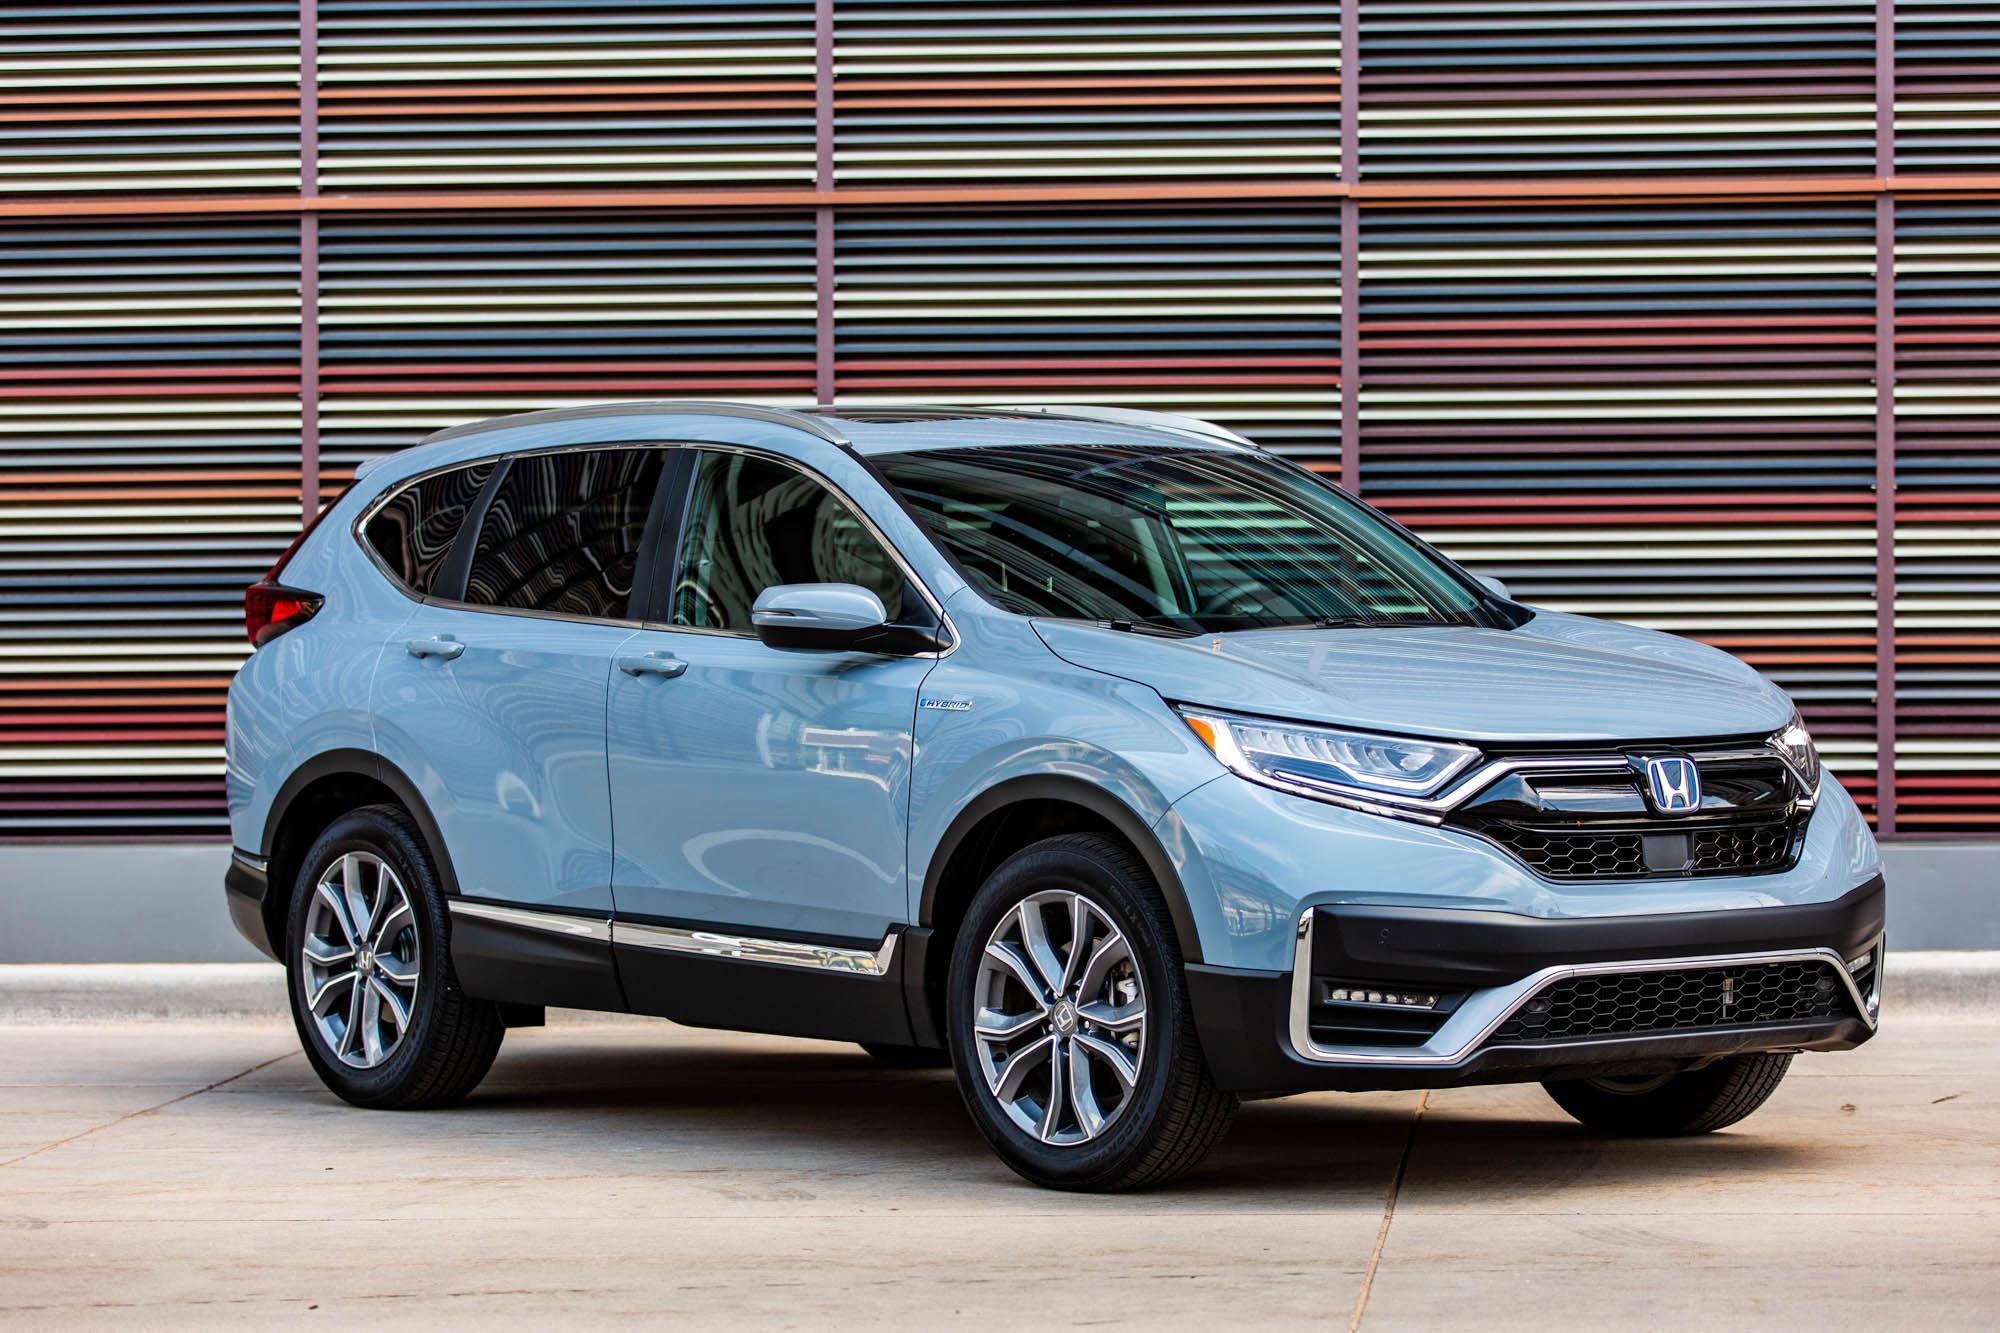 Kelebihan Kekurangan Honda 2020 Tangguh